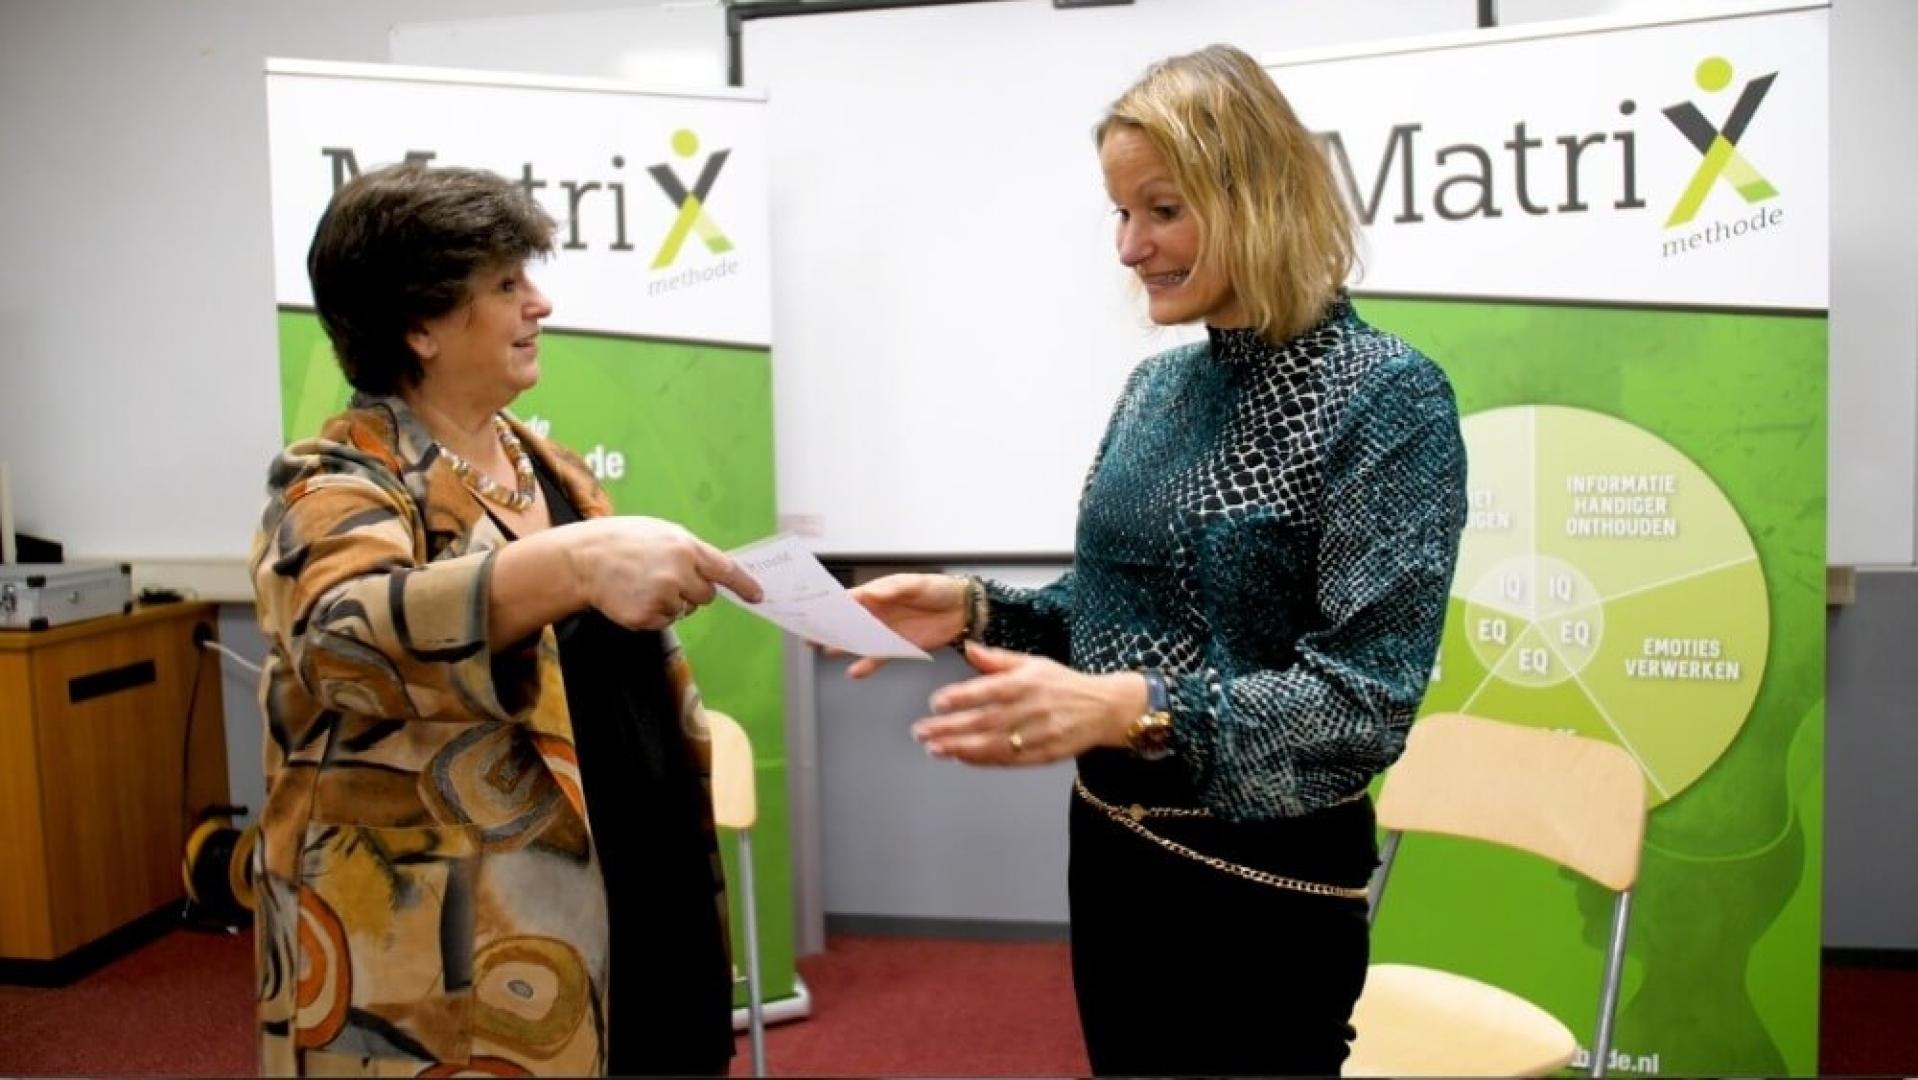 Training MatriXmethode volgen met Ingrid Stoop